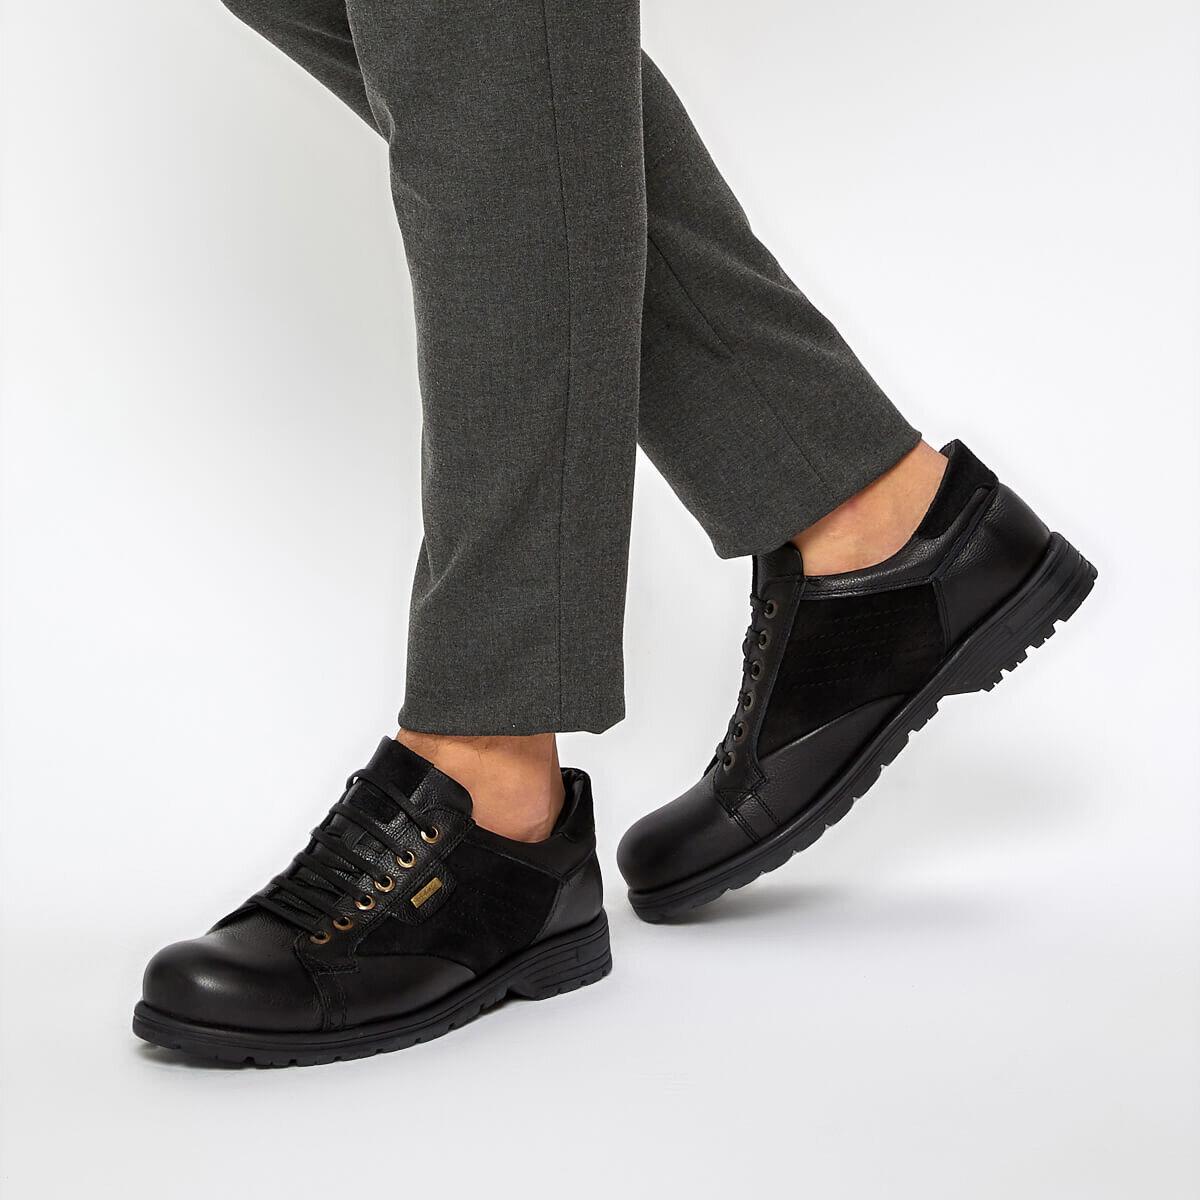 FLO 38-M Black Male Shoes Oxide